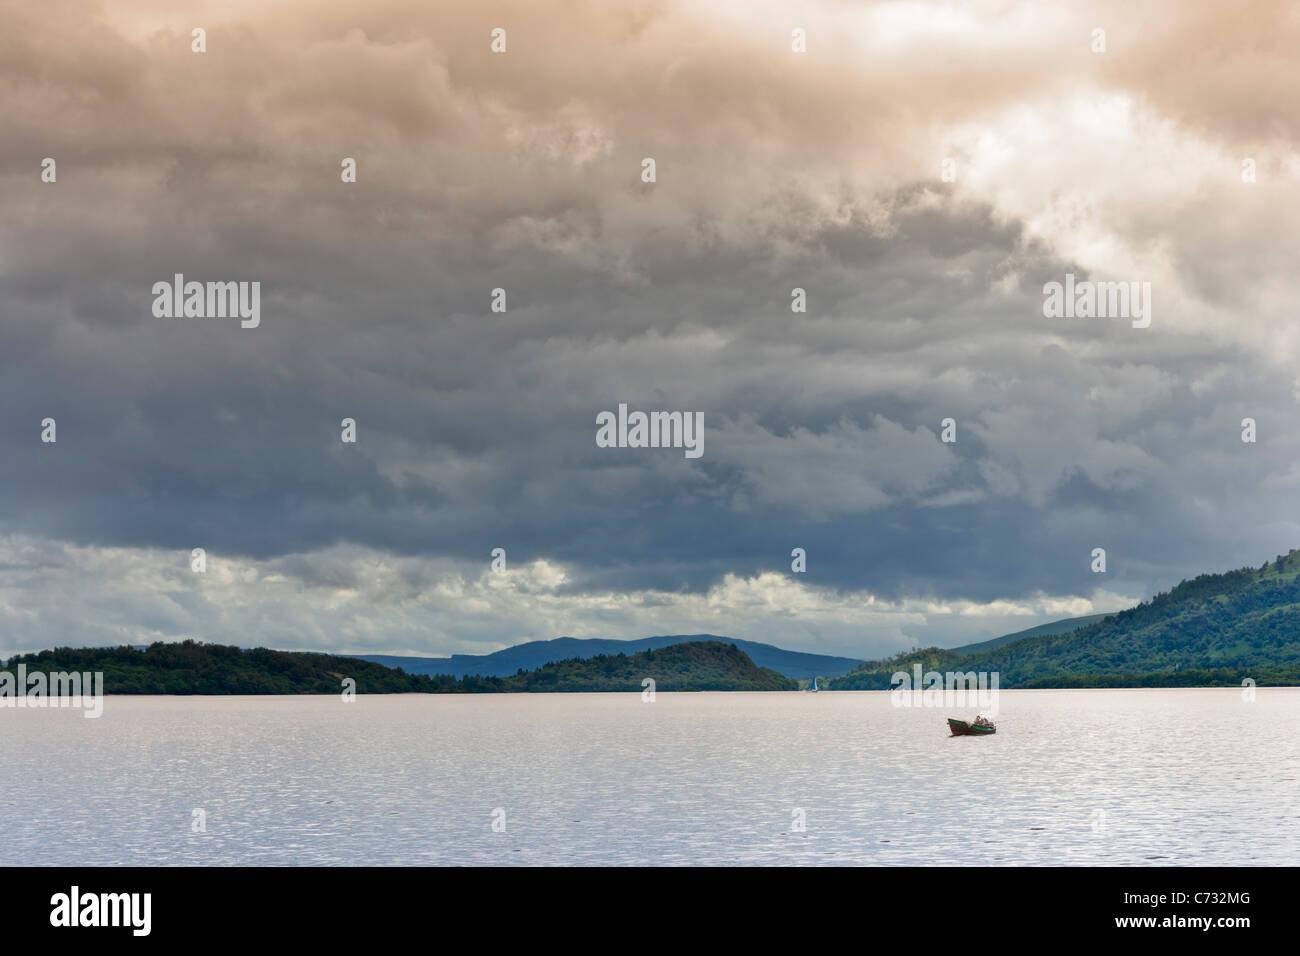 Small boat on Loch Lomond taken from the eastern shore near Rowardennan, Scotland, UK - Stock Image